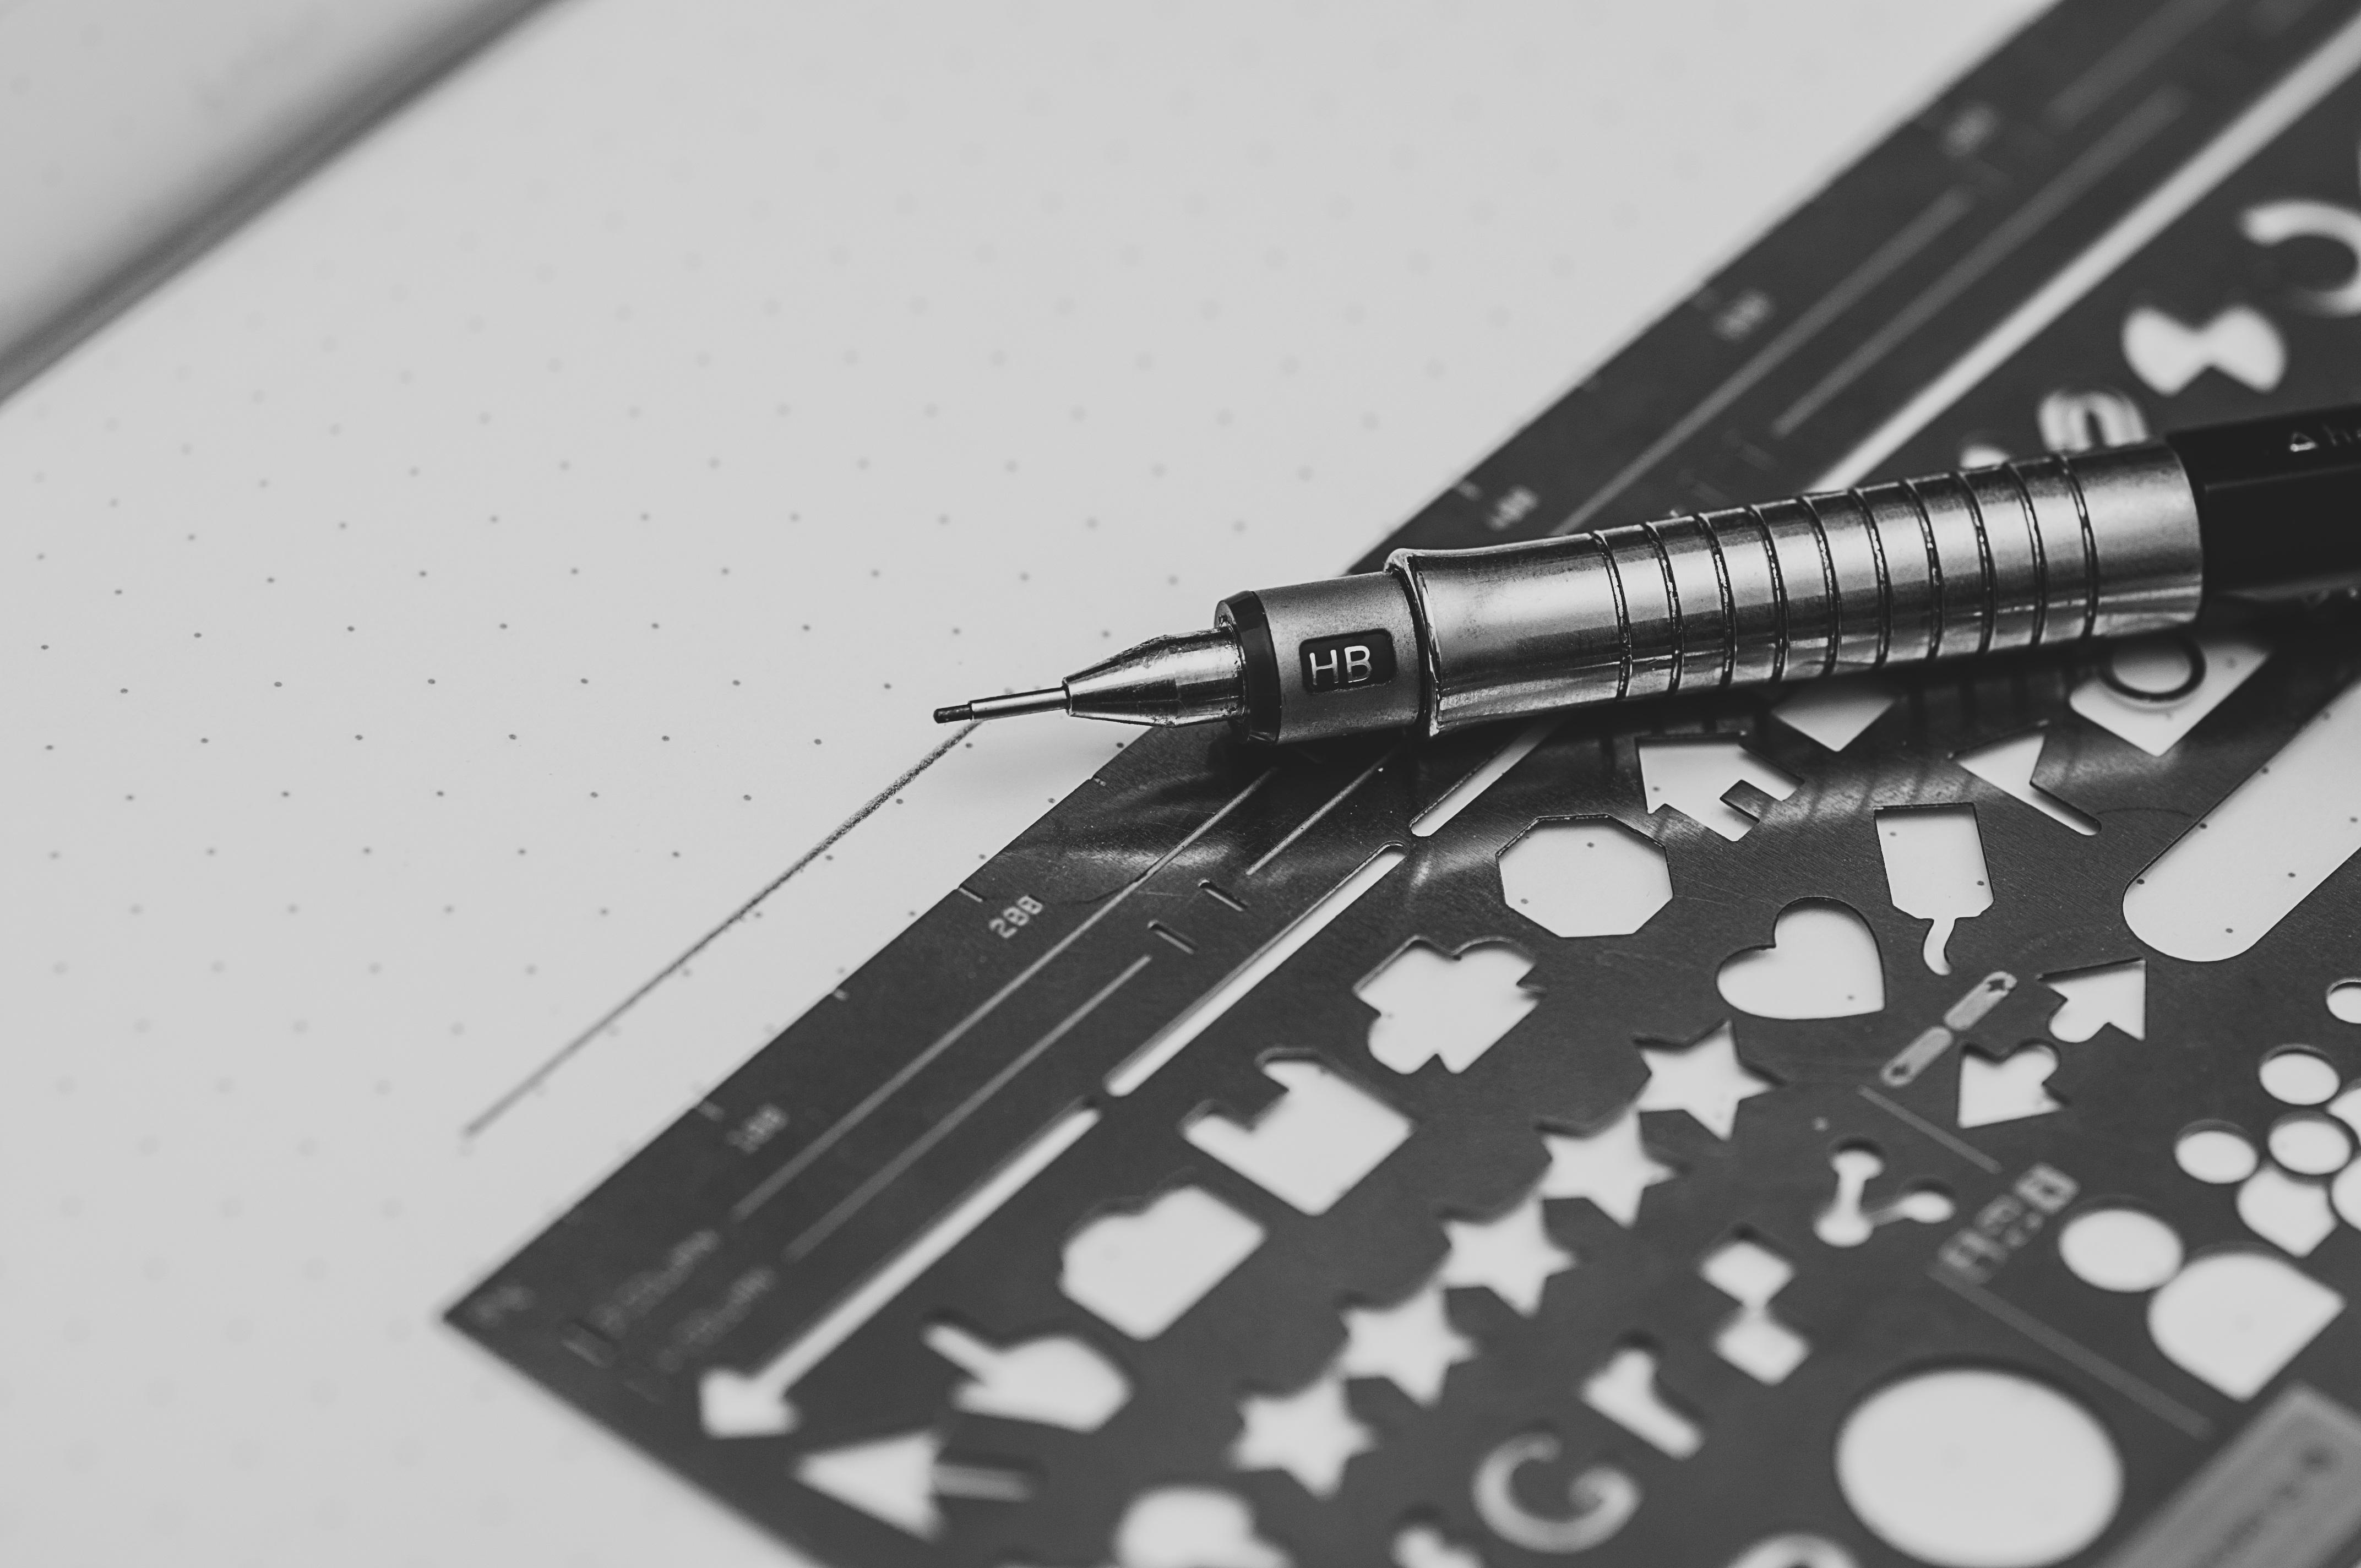 Fotos gratis : escritura, lápiz, en blanco y negro, Retro, bolígrafo ...